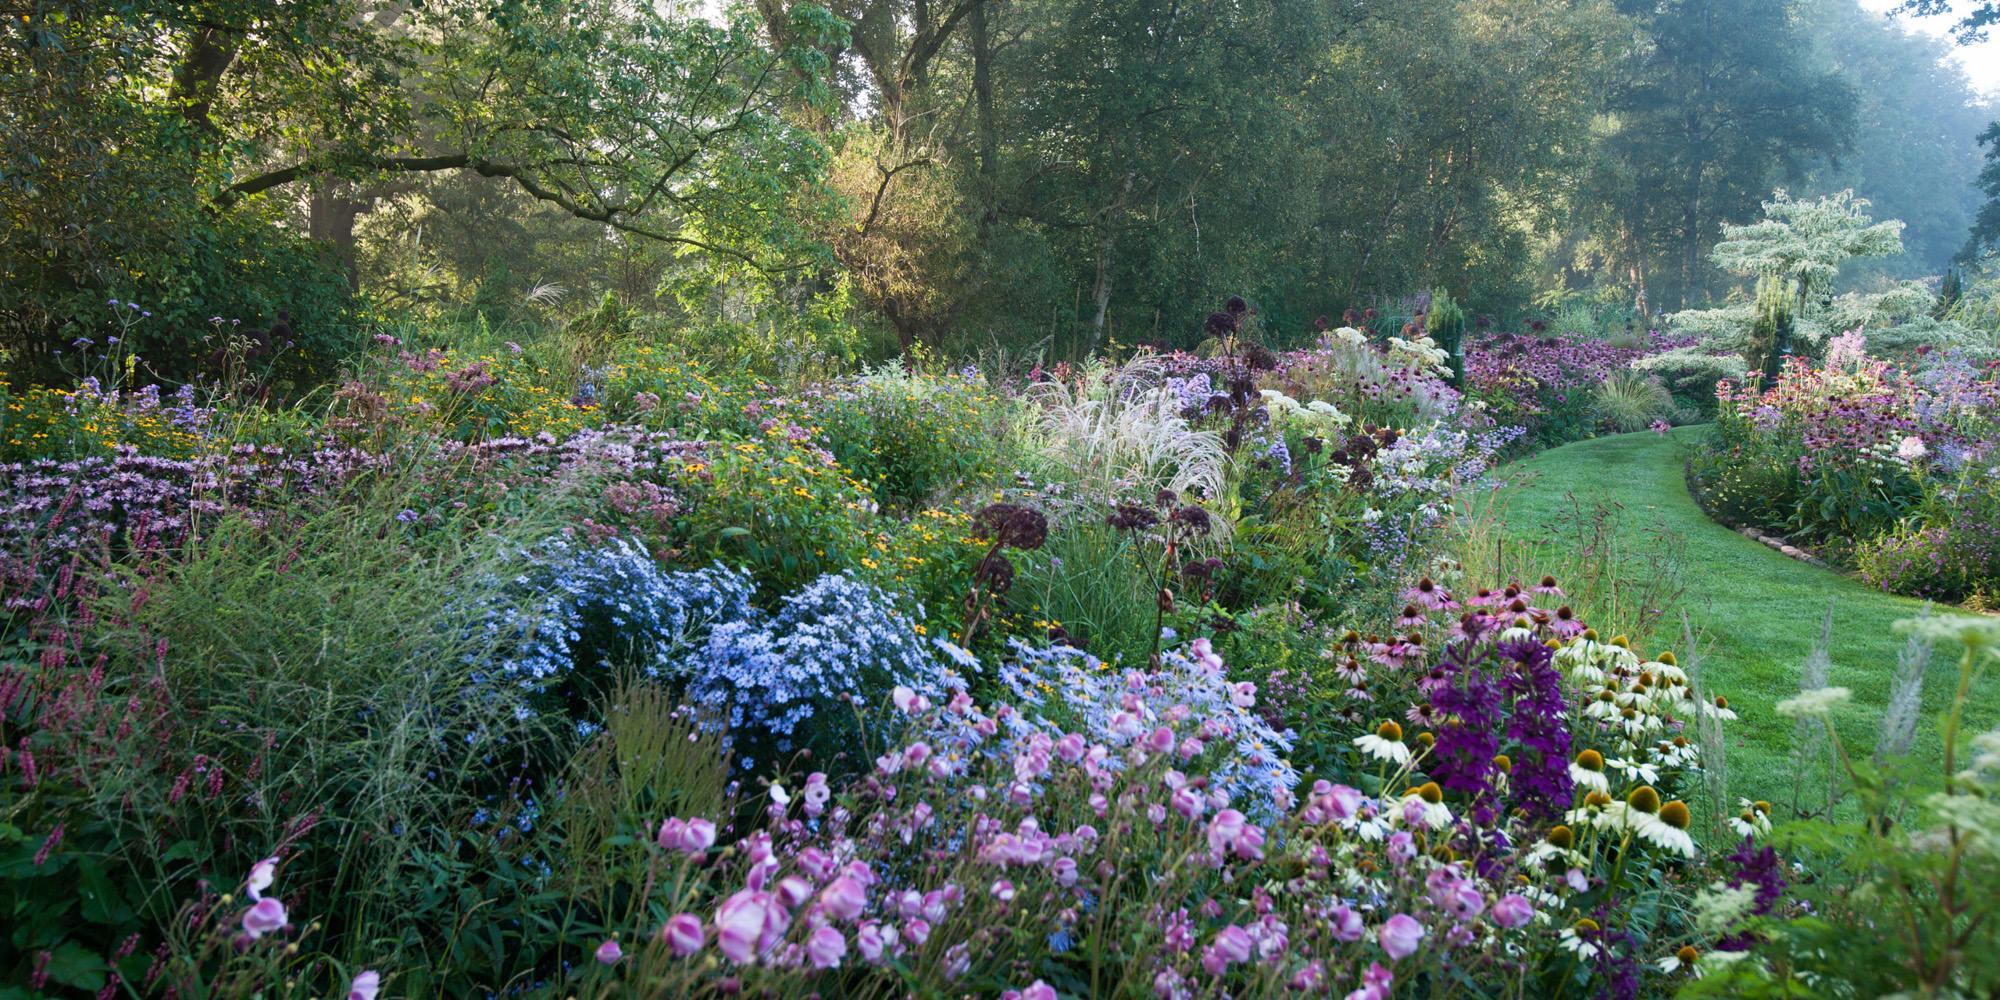 Carolyn Mullet On Twitter Garten Moorriem In Its Summer Glory